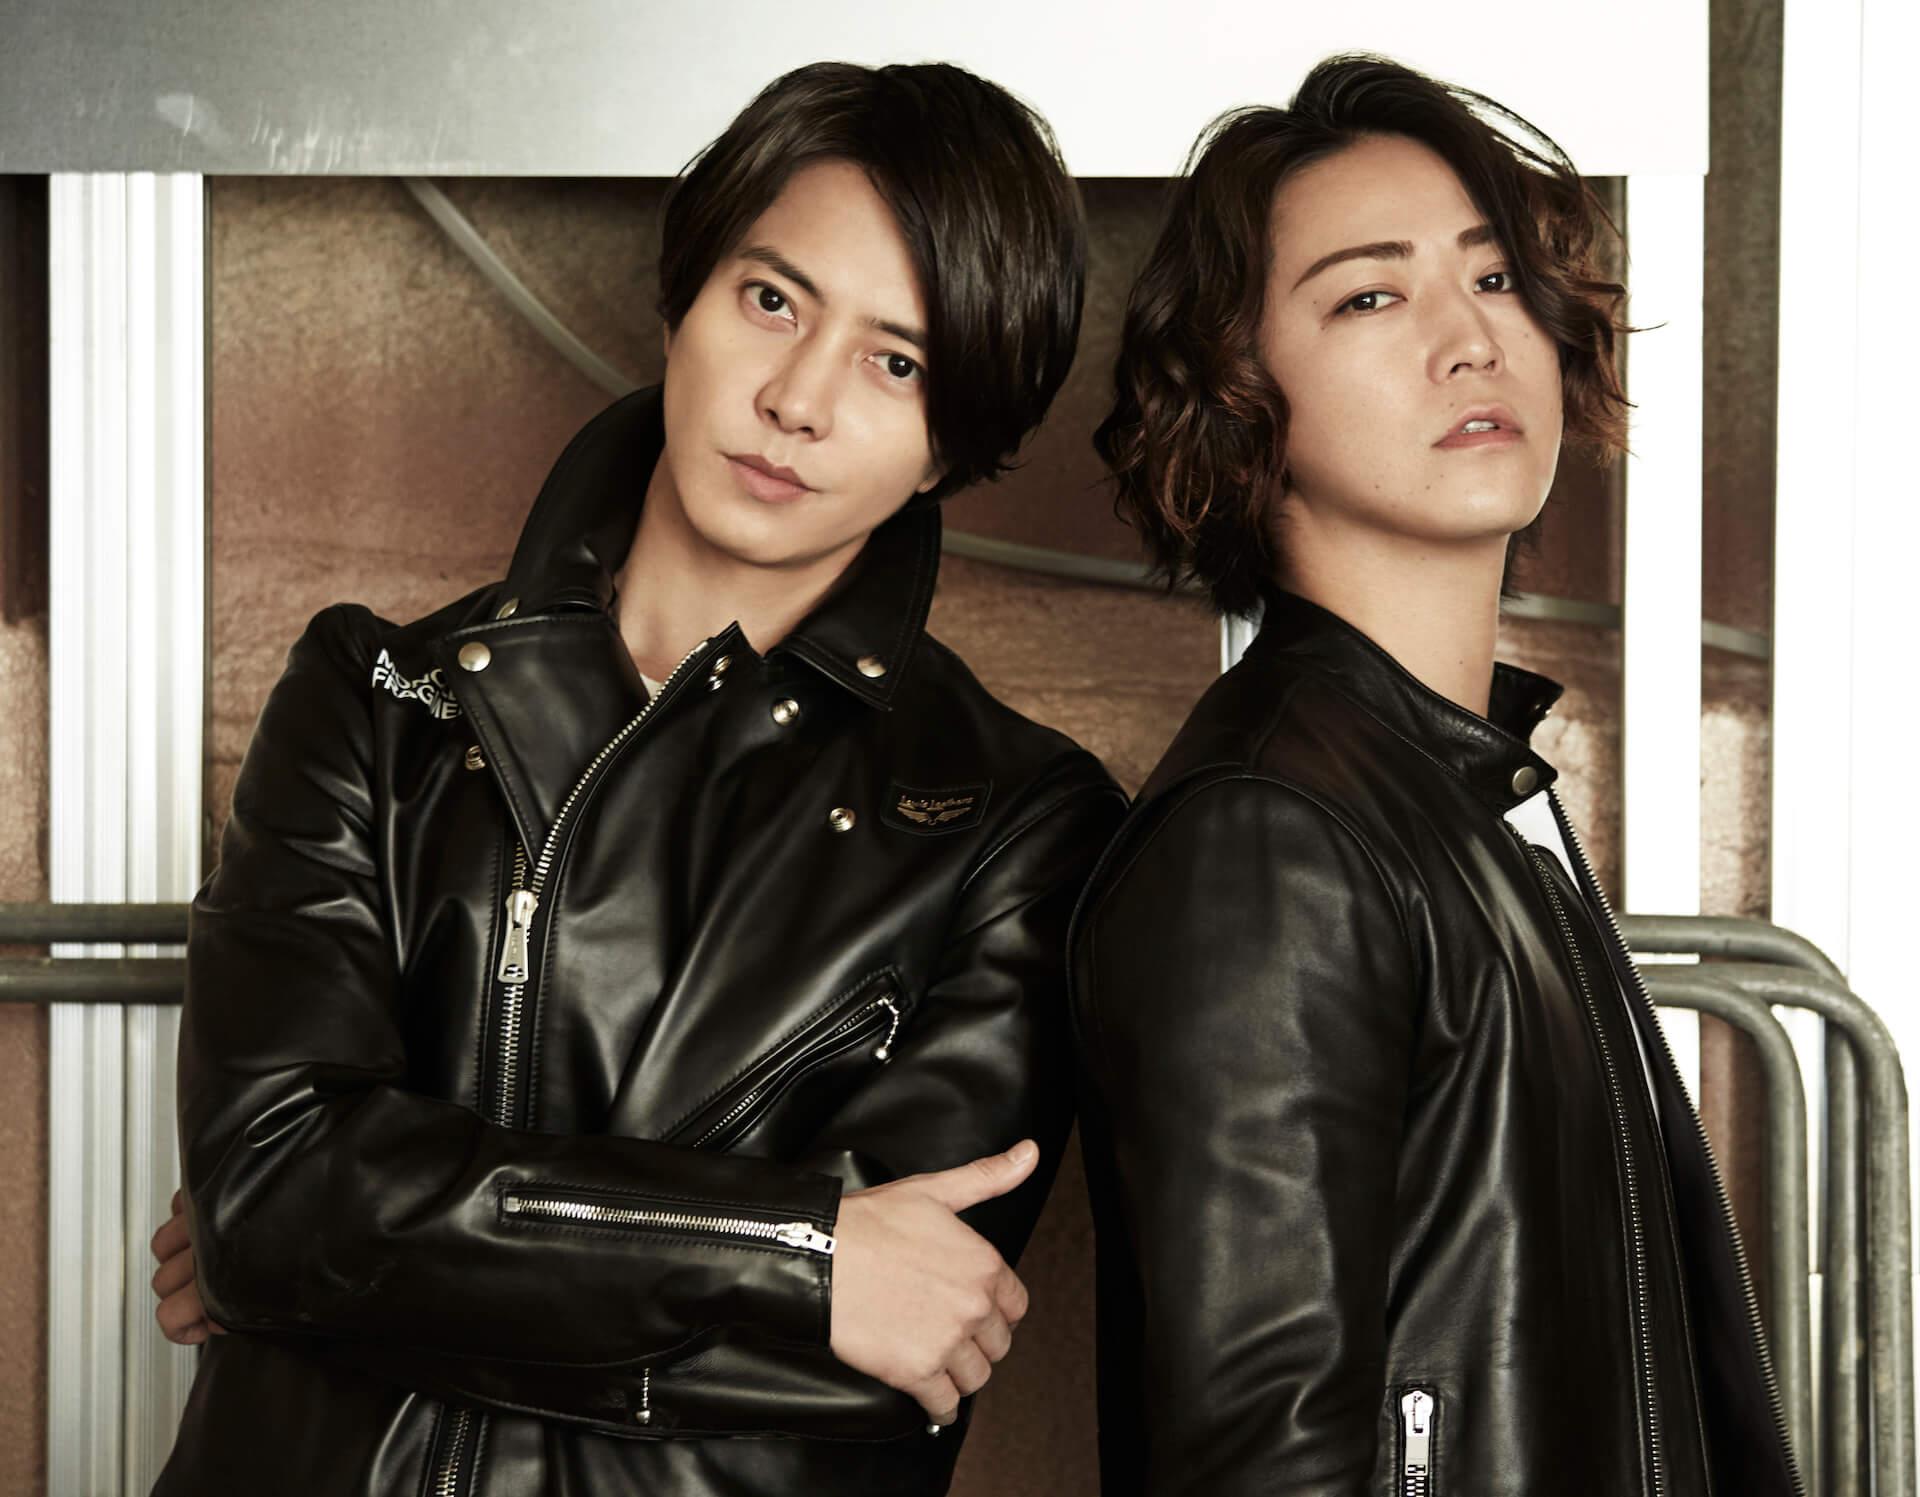 亀梨和也と山下智久のユニット「亀と山P」がアルバムからリード曲『Amor』のMVを公開 music200402-kameyamap